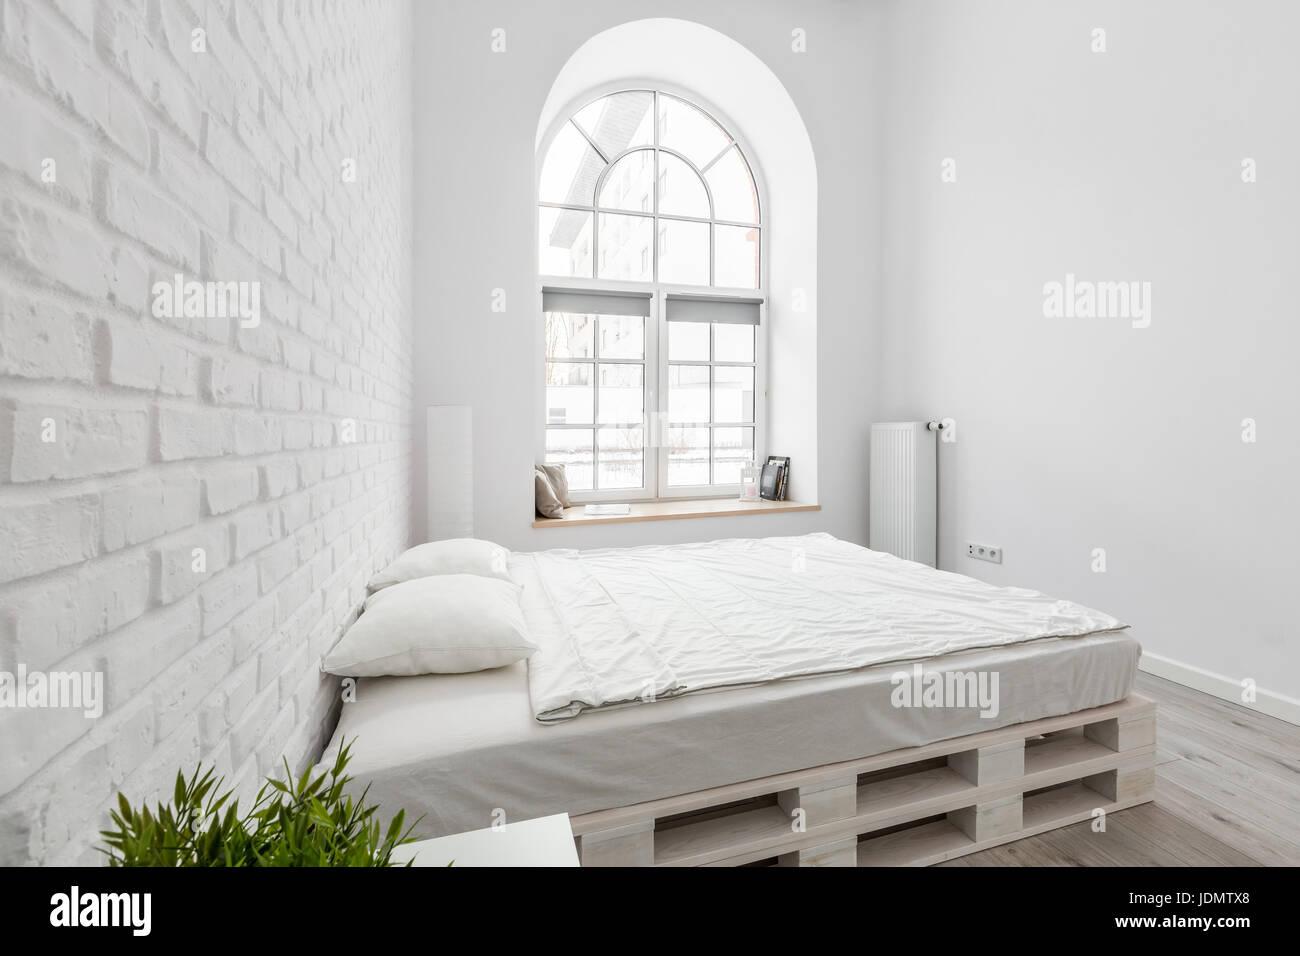 Letto A Muro.Camera Da Letto Bianca Con Pallet Diy Letto Muro Di Mattoni E Vetro